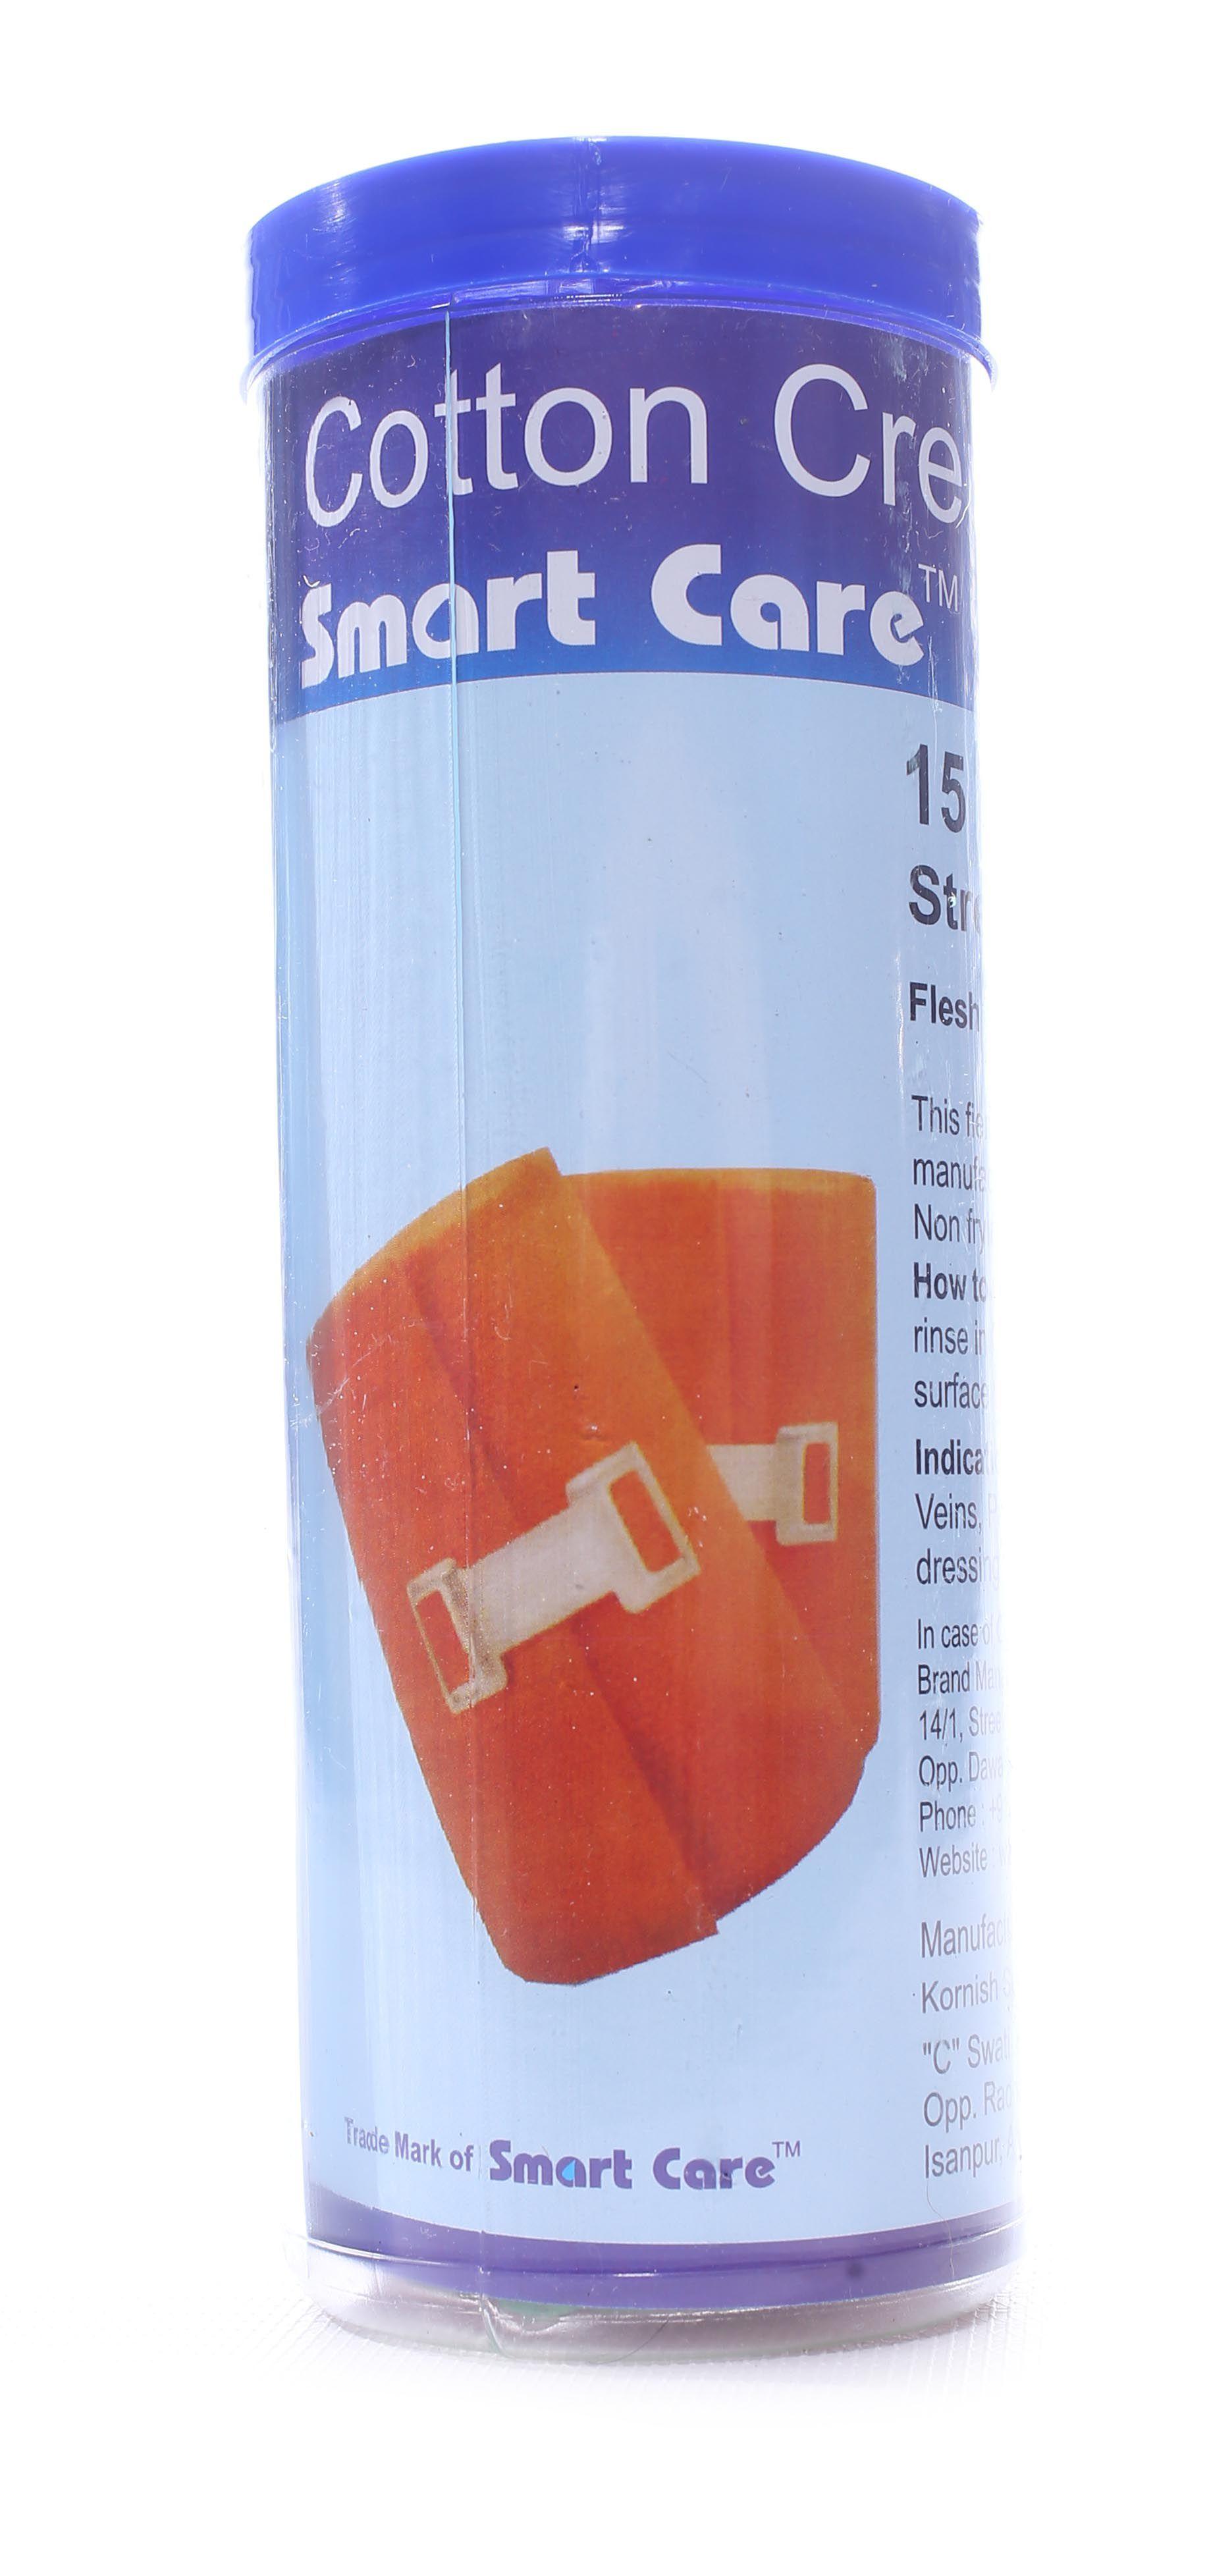 Smart Care Cotton Crepe Bandage 15cm Cotton